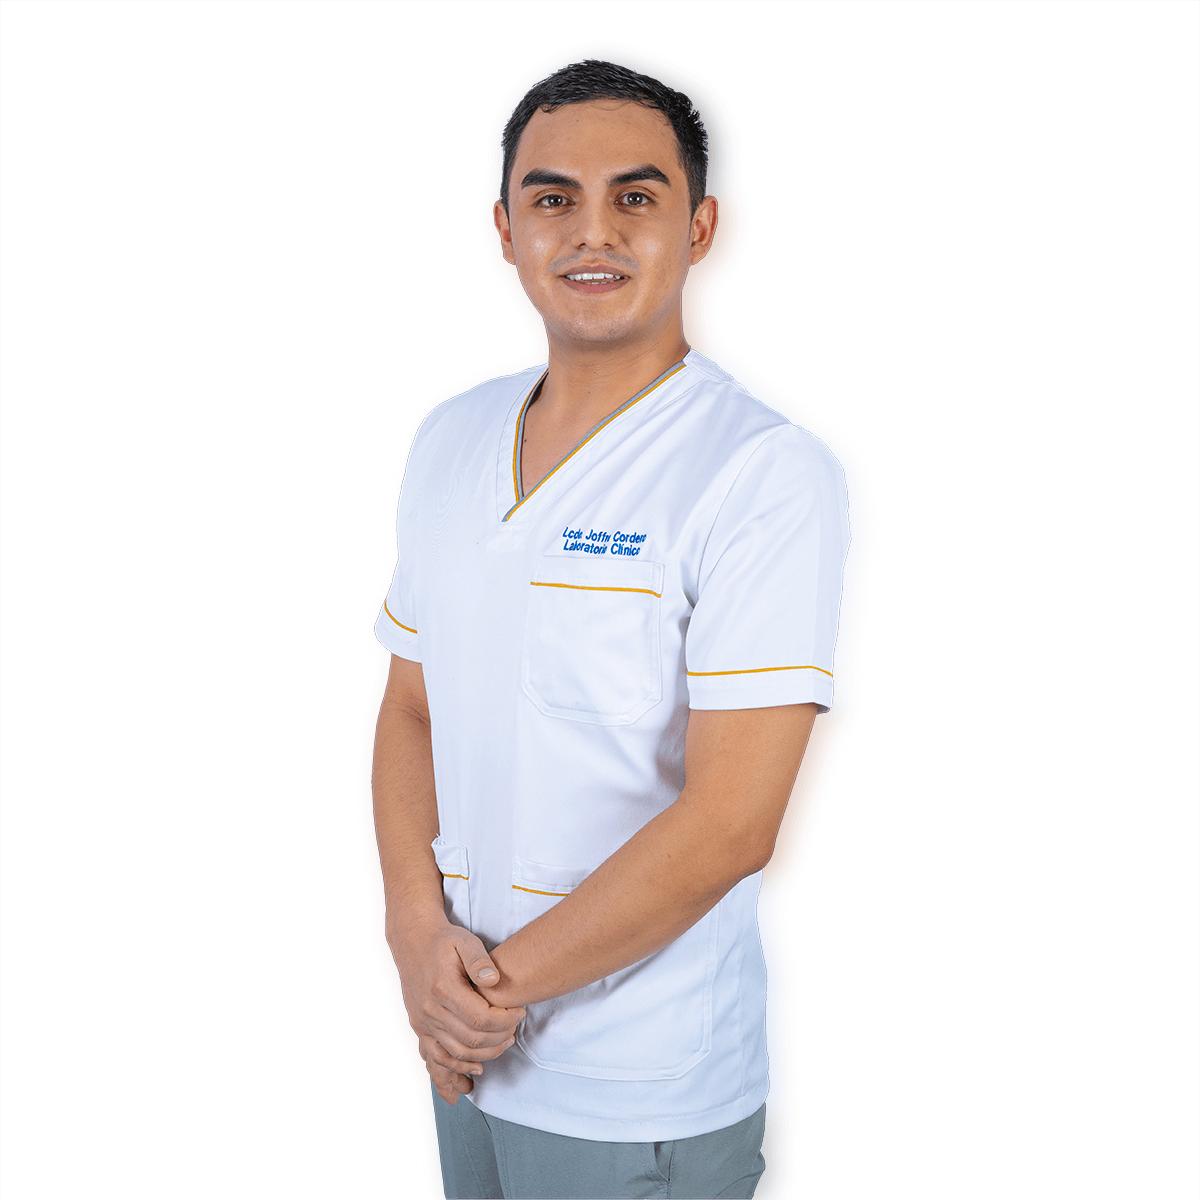 neolab_laboratorio_clinico_Jofre_Cordero_team